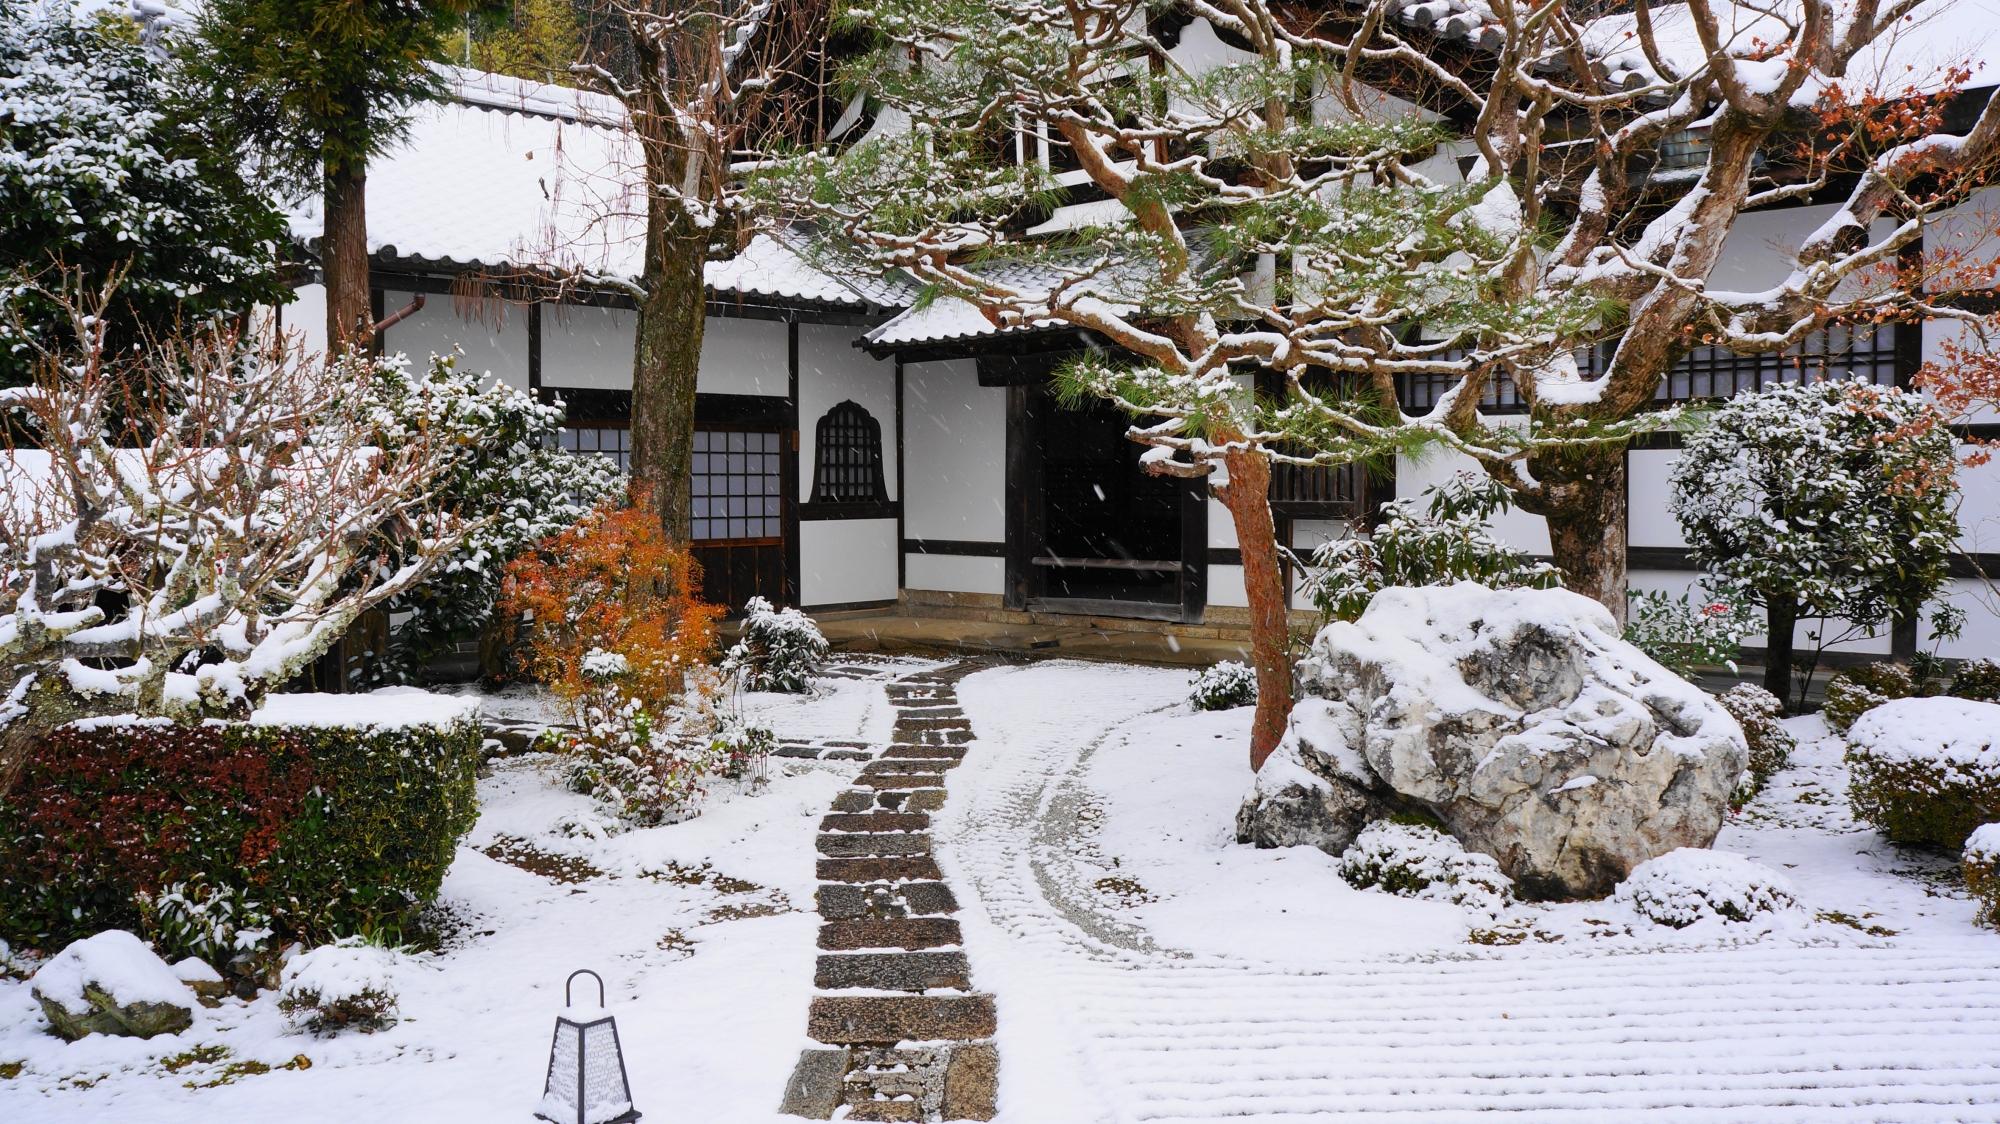 圓光寺の玄関前の雪景色